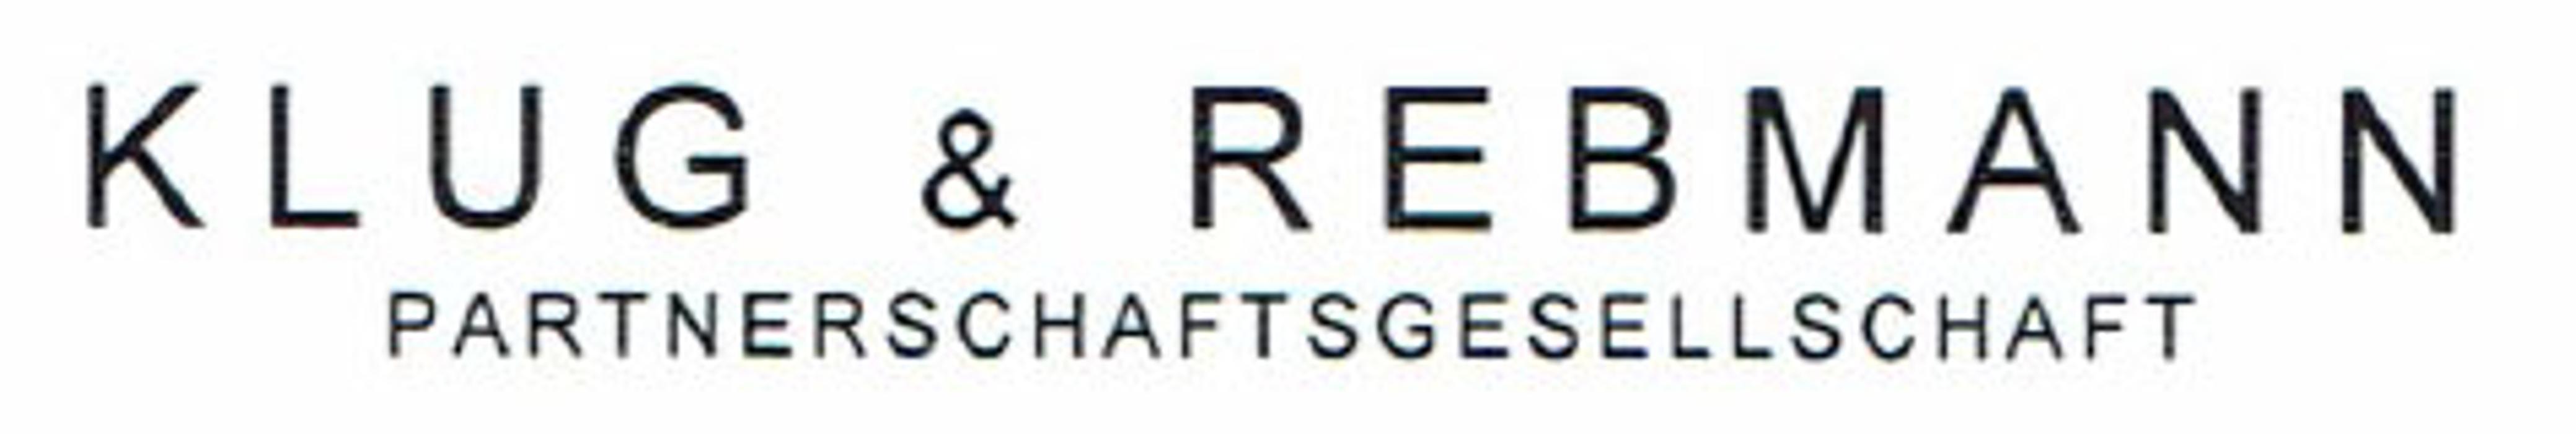 Bild zu Klug & Rebmann Partnerschaftsgesellschaft in Sindelfingen